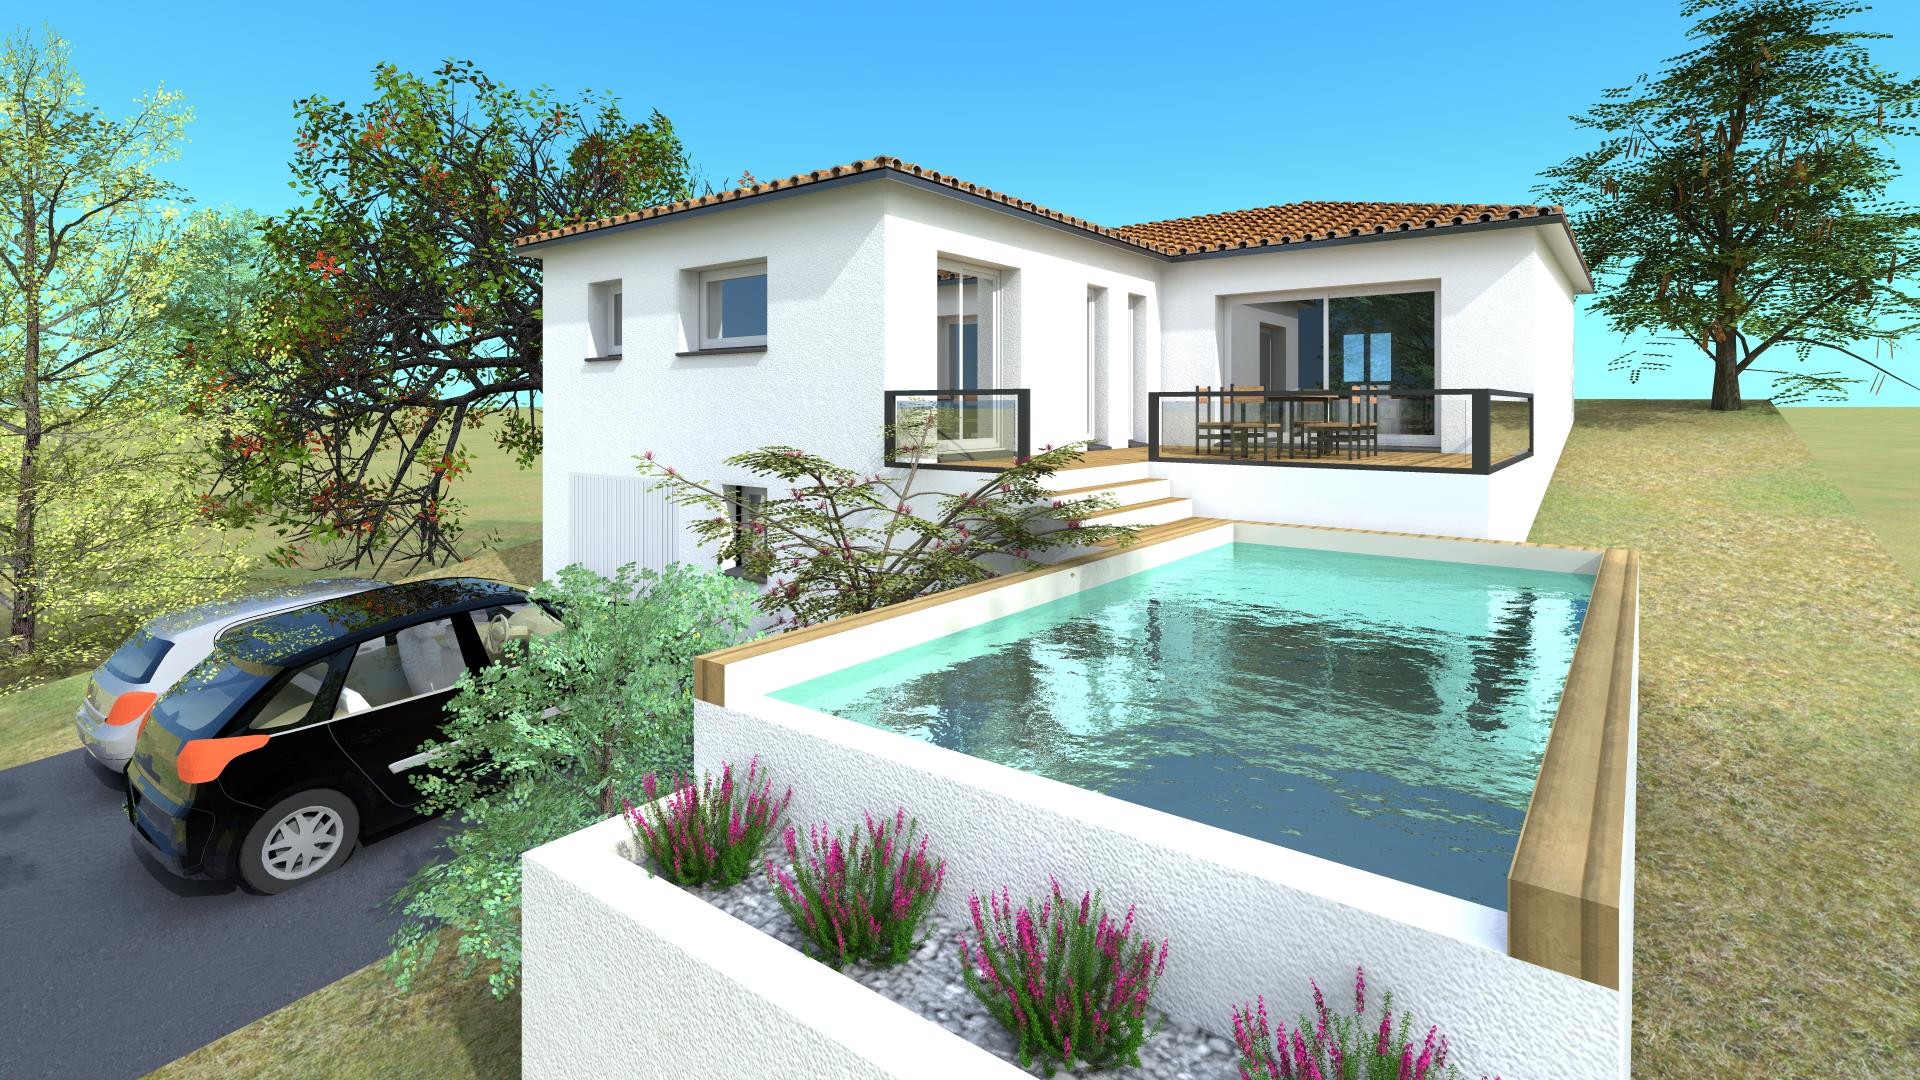 Maisons + Terrains du constructeur VILLAS SUD CREATION • 105 m² • FONSORBES